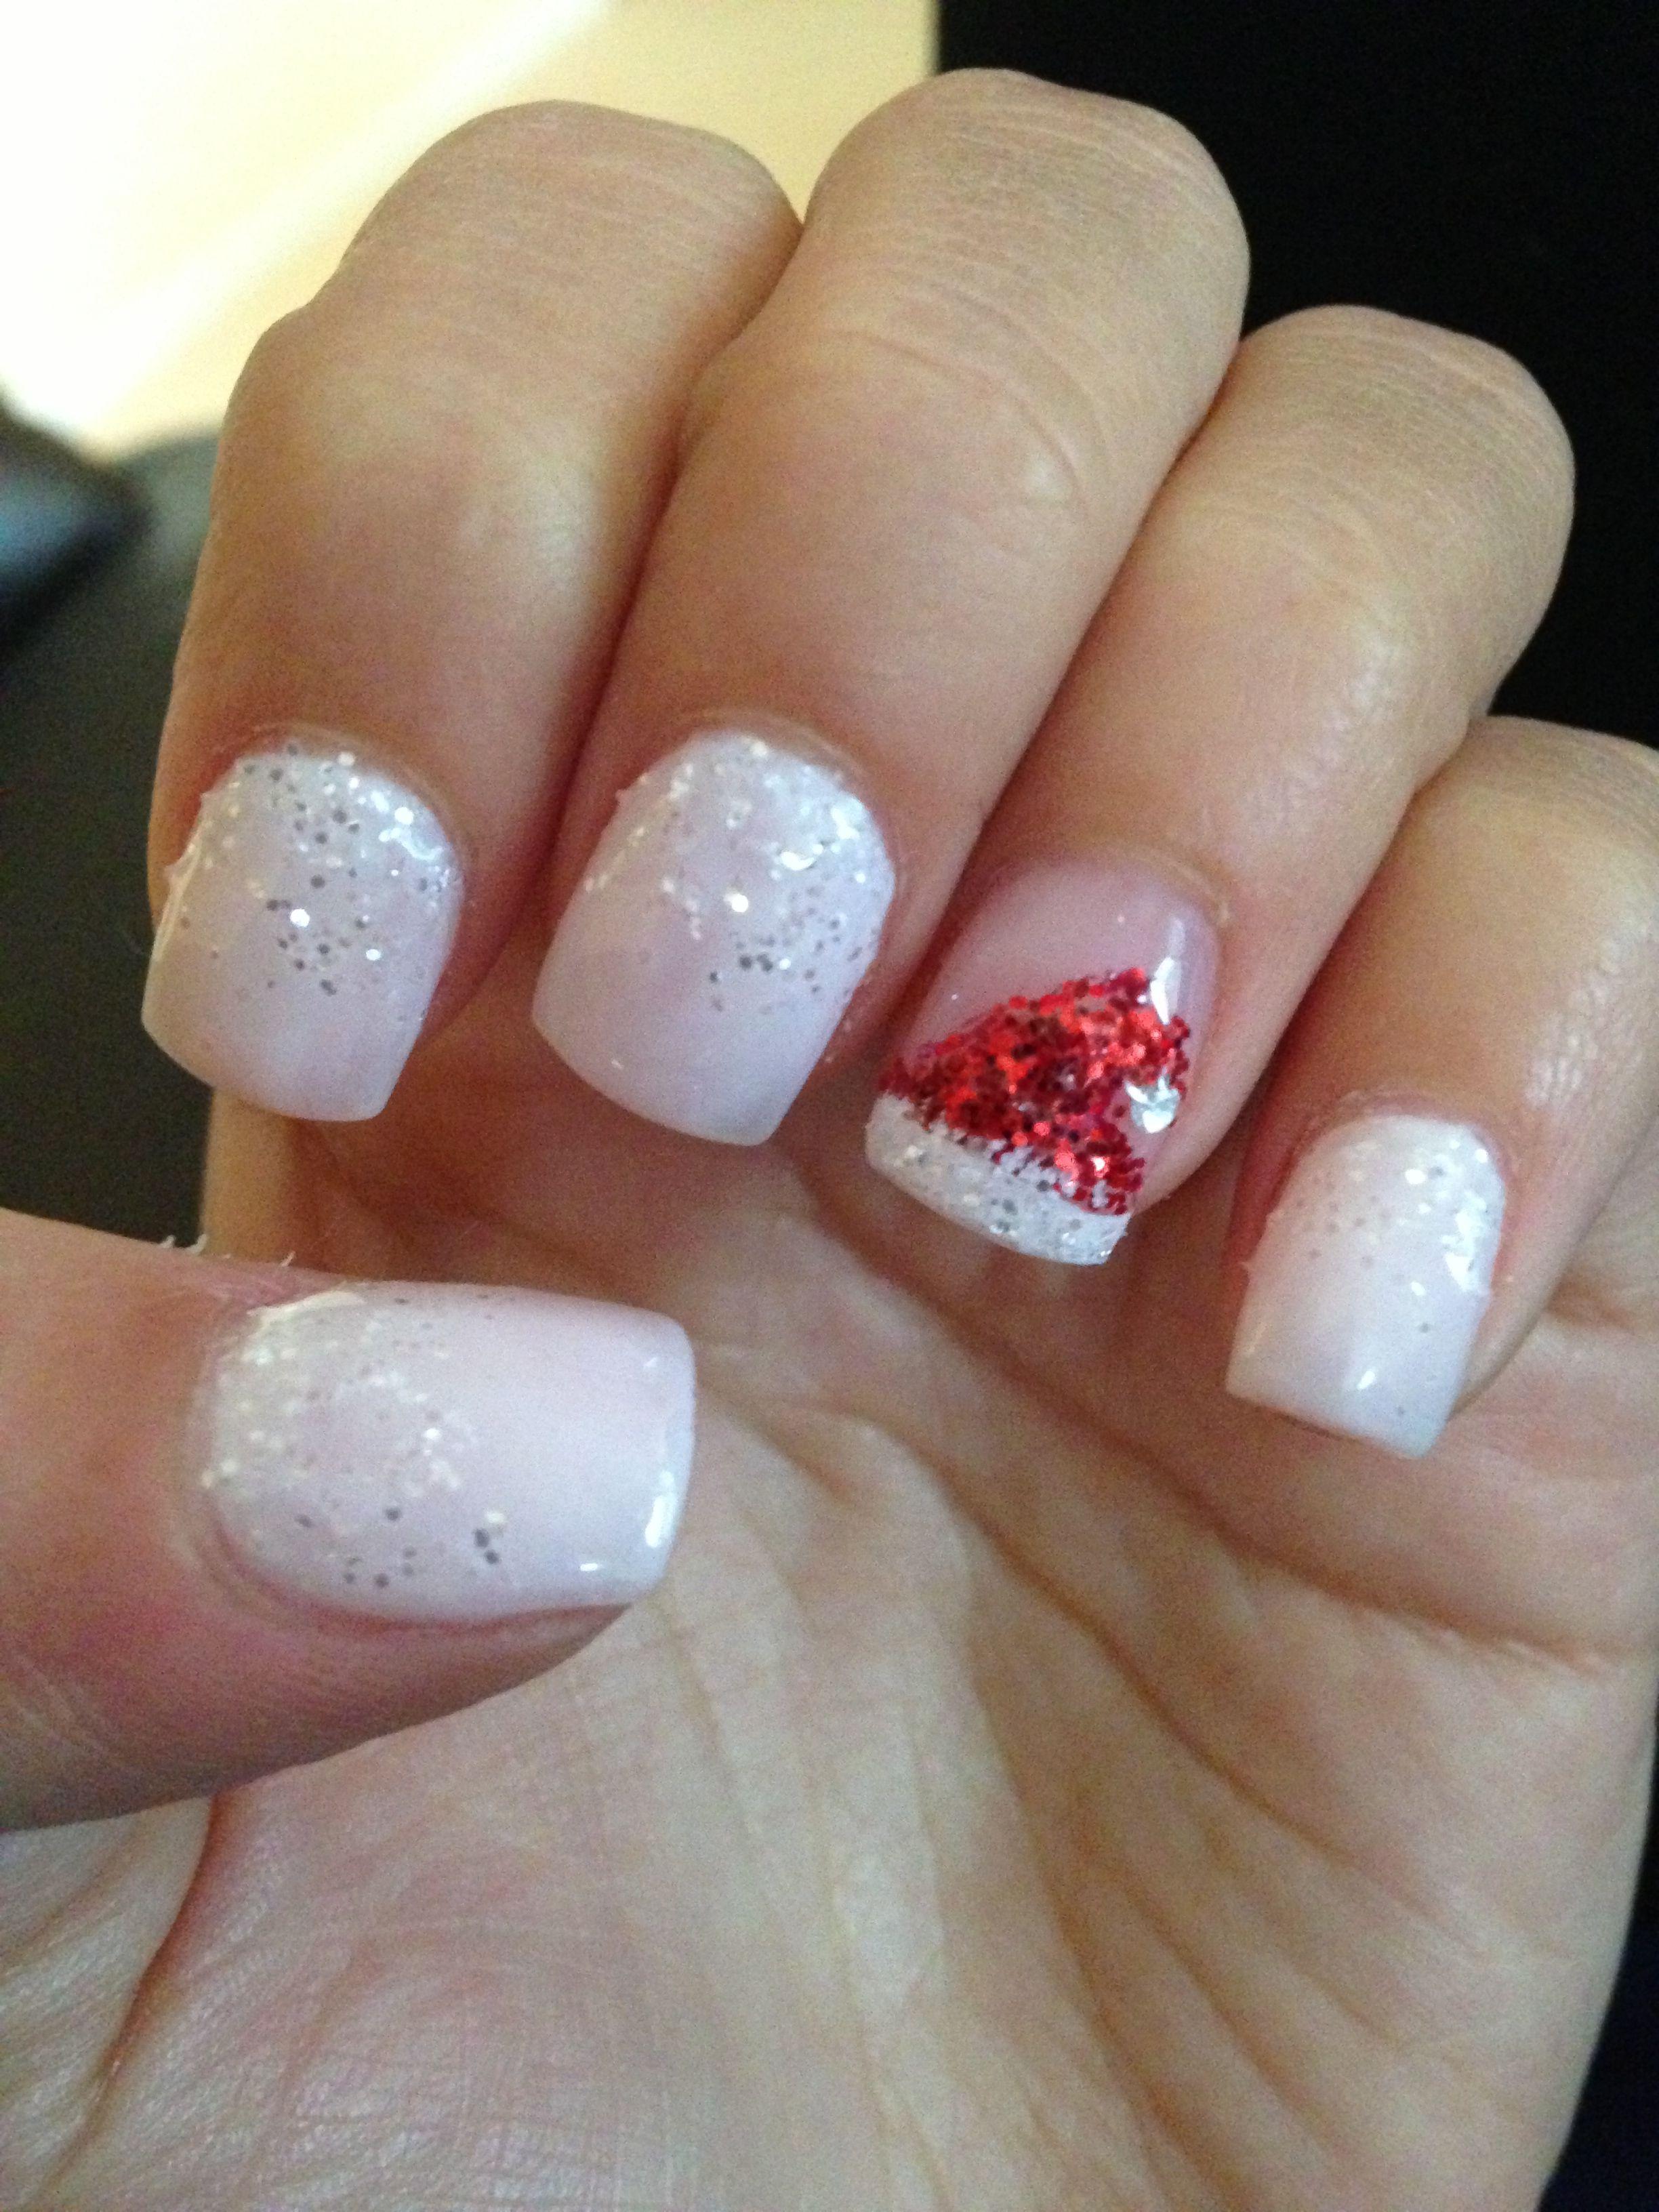 Santa Inspired Acrylic Nails Luxury Nails Christmas Nails Holiday Acrylic Nails